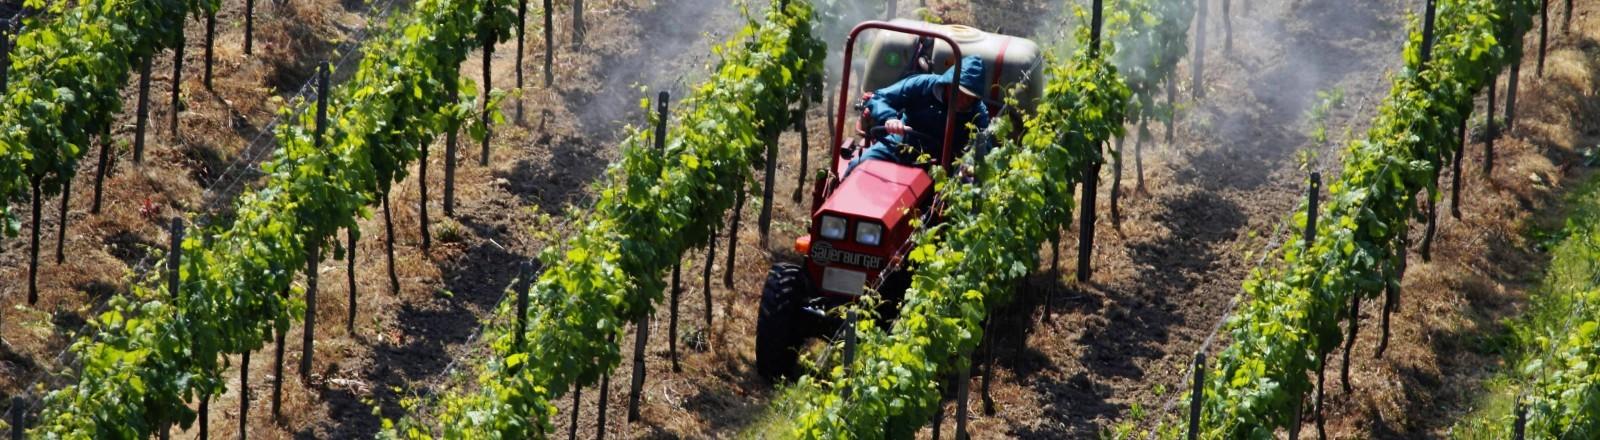 Ein Traktor spritzt in einem Weinberg